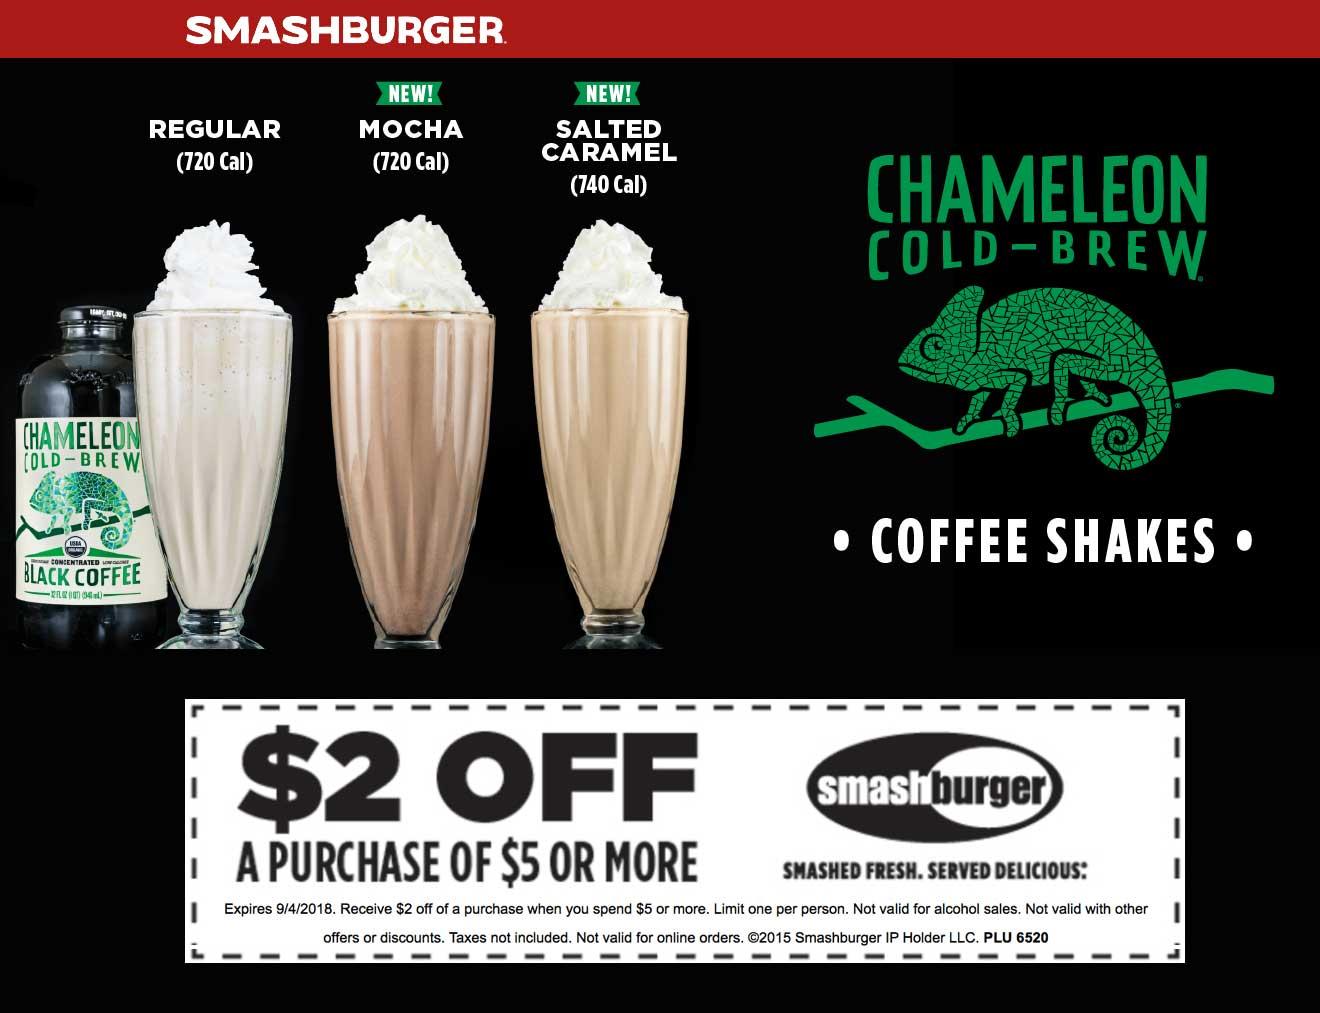 Smashburger Coupon May 2019 $2 off $5 at Smashburger restaurants